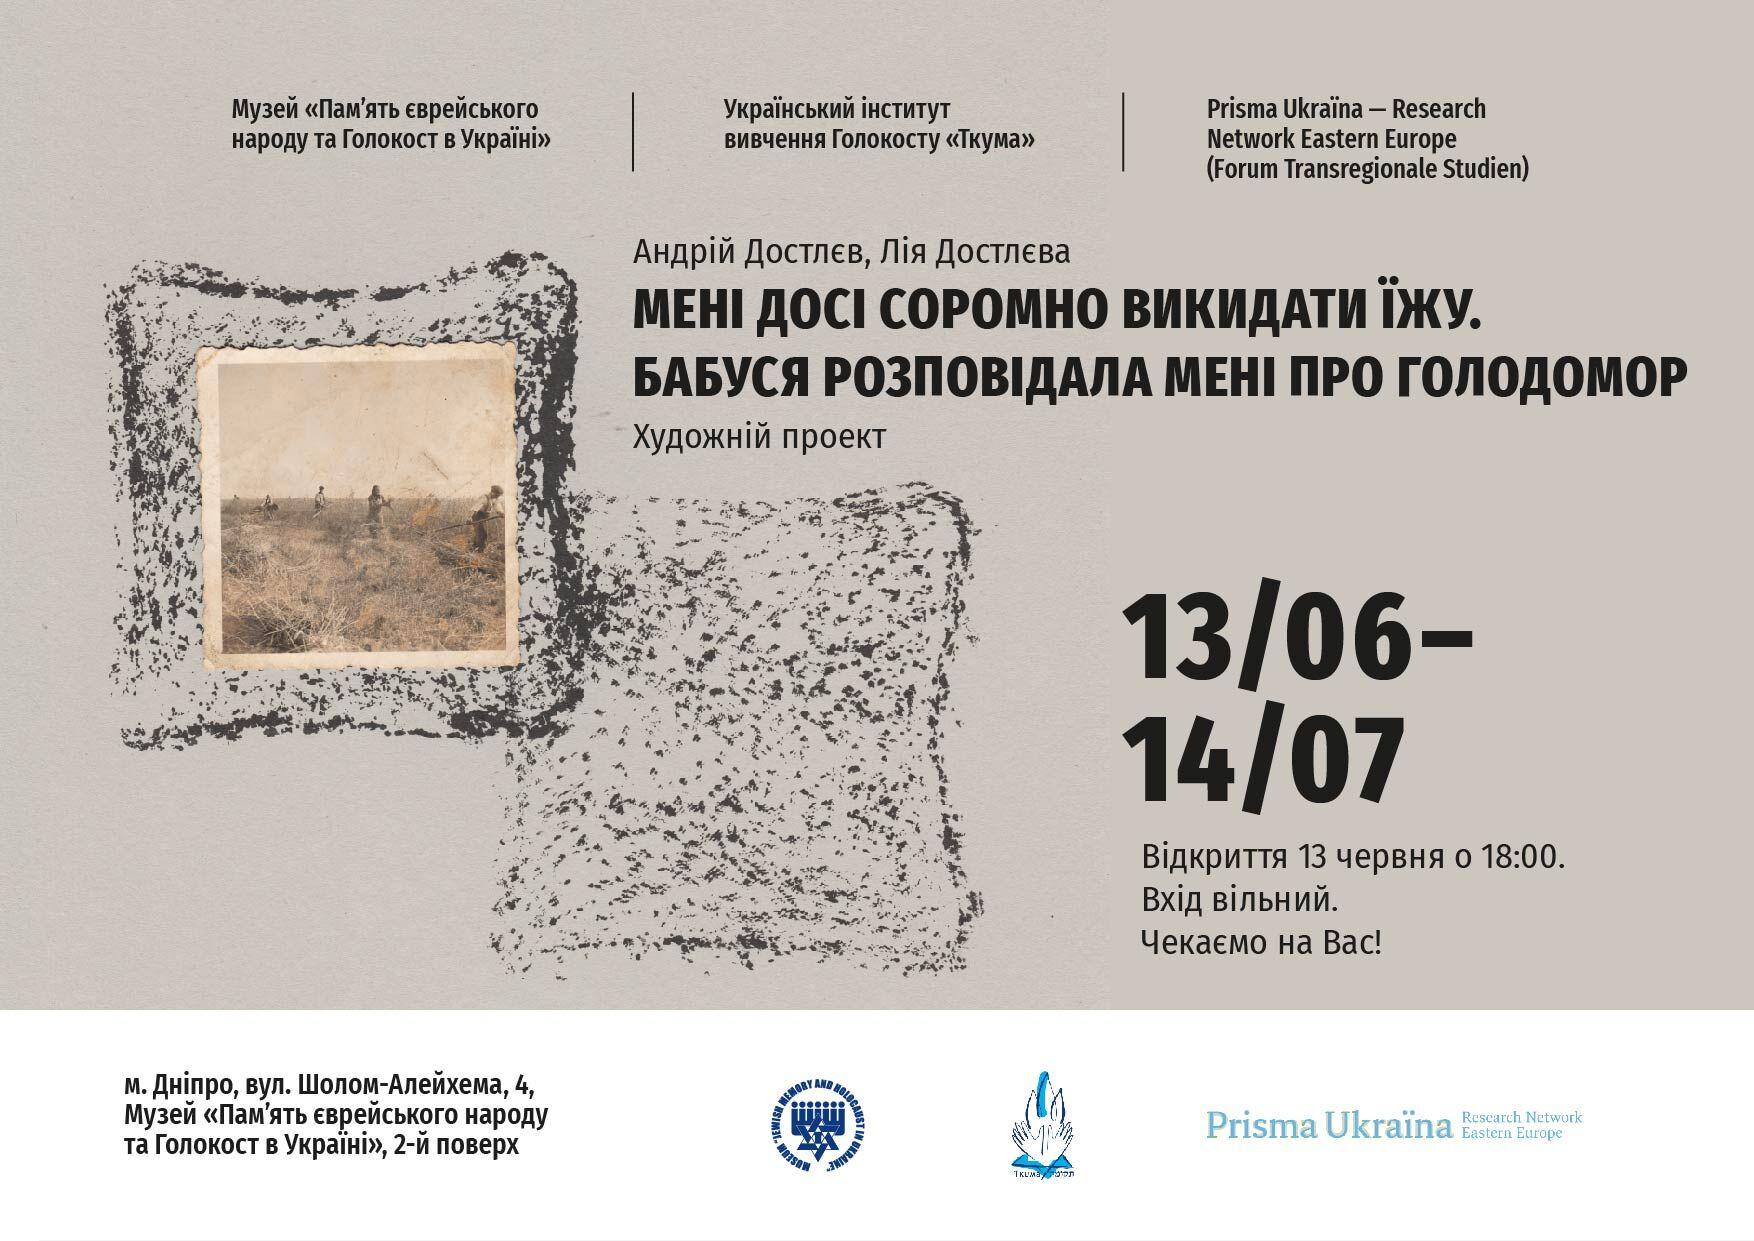 Відкриття художнього проекту Андрія Достлєва та Лії Достлєвої